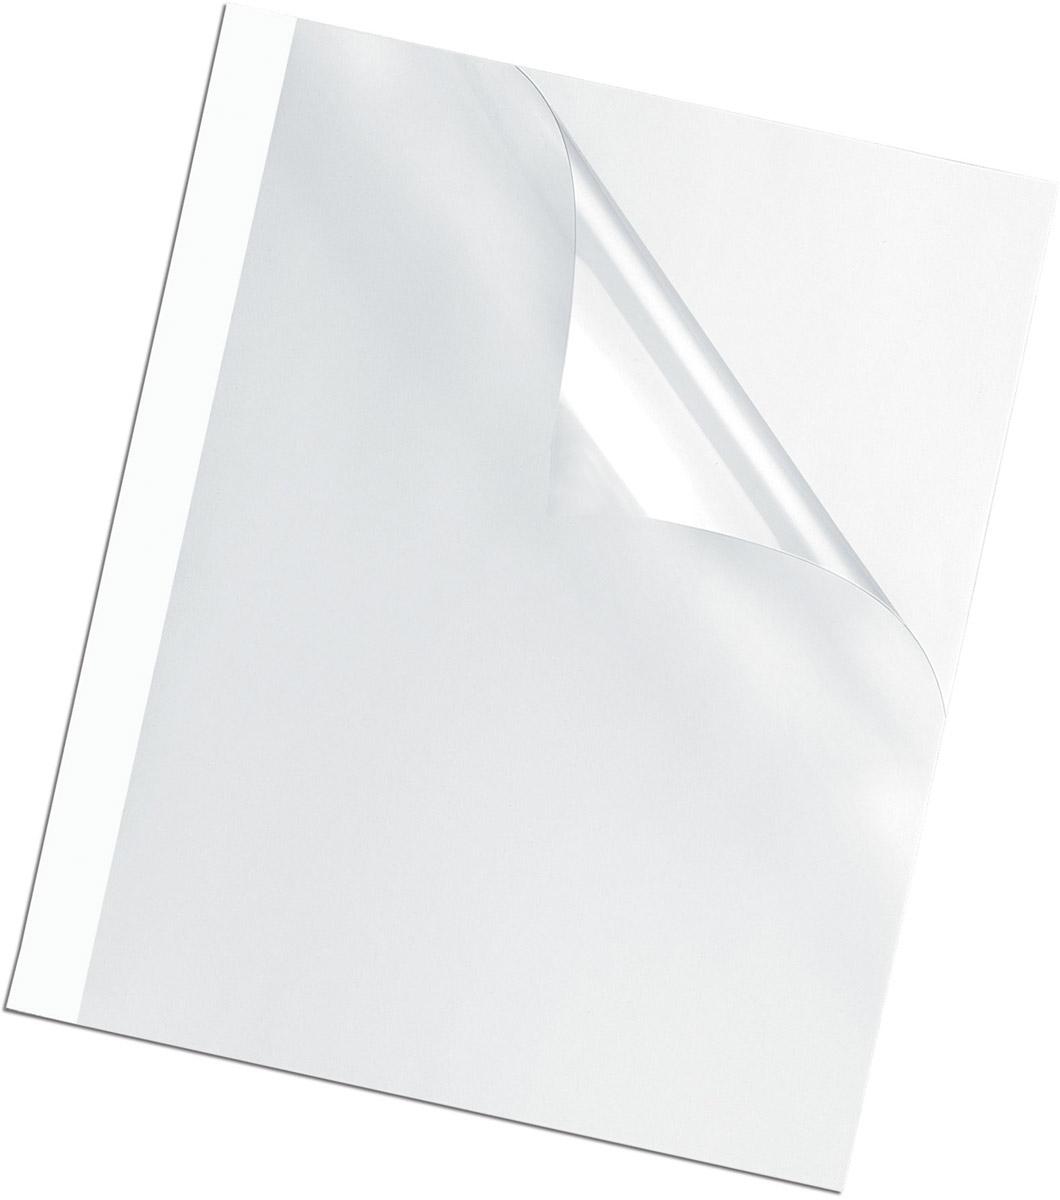 Fellowes A4 FS-53914 обложка для термопереплета, 10 мм (100 шт)FS-53914Обложка для термопереплета предназначена для оформления документов. Верх обложки – прозрачный PVC (150мкм), низ – глянцевый картон (220гр/кв.м). 100шт. в розничной упаковке.